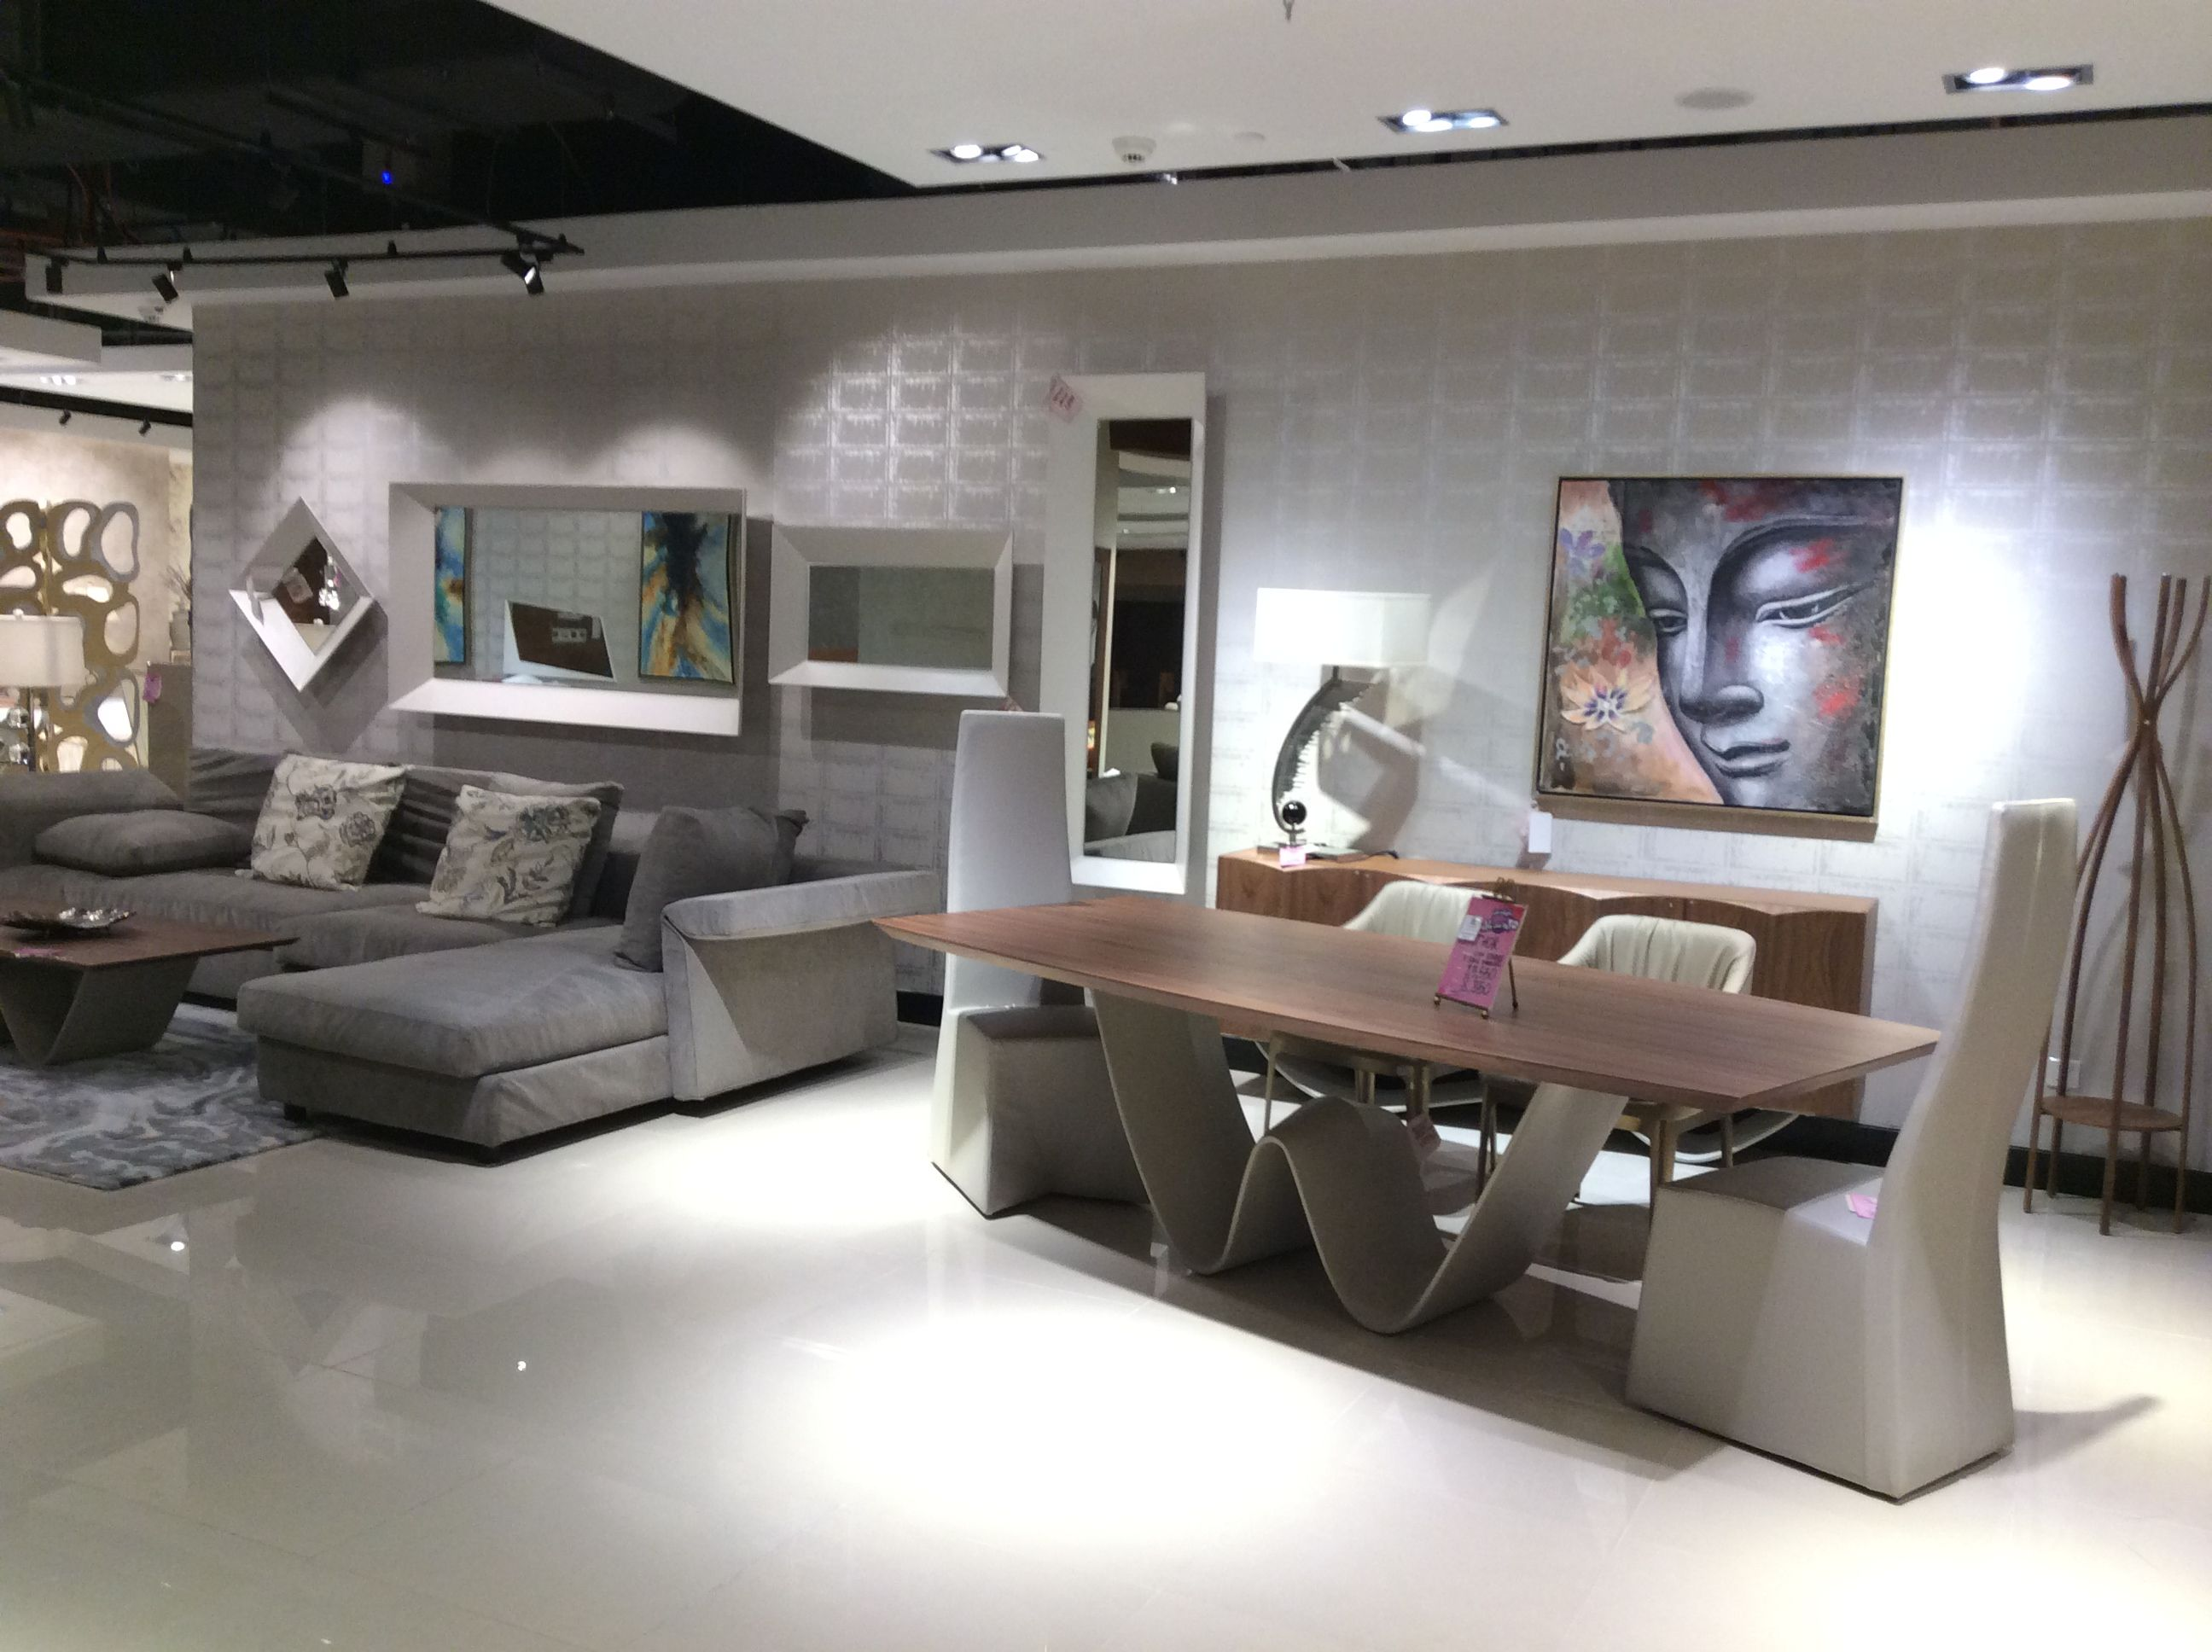 أفكار ملهمة للتصميم الداخلي على بعد صالة عرض فقط الحذيفة أثاث فخم صالة العرض دبي Luxury Home Furniture Luxury Modern Furniture Luxury Furniture